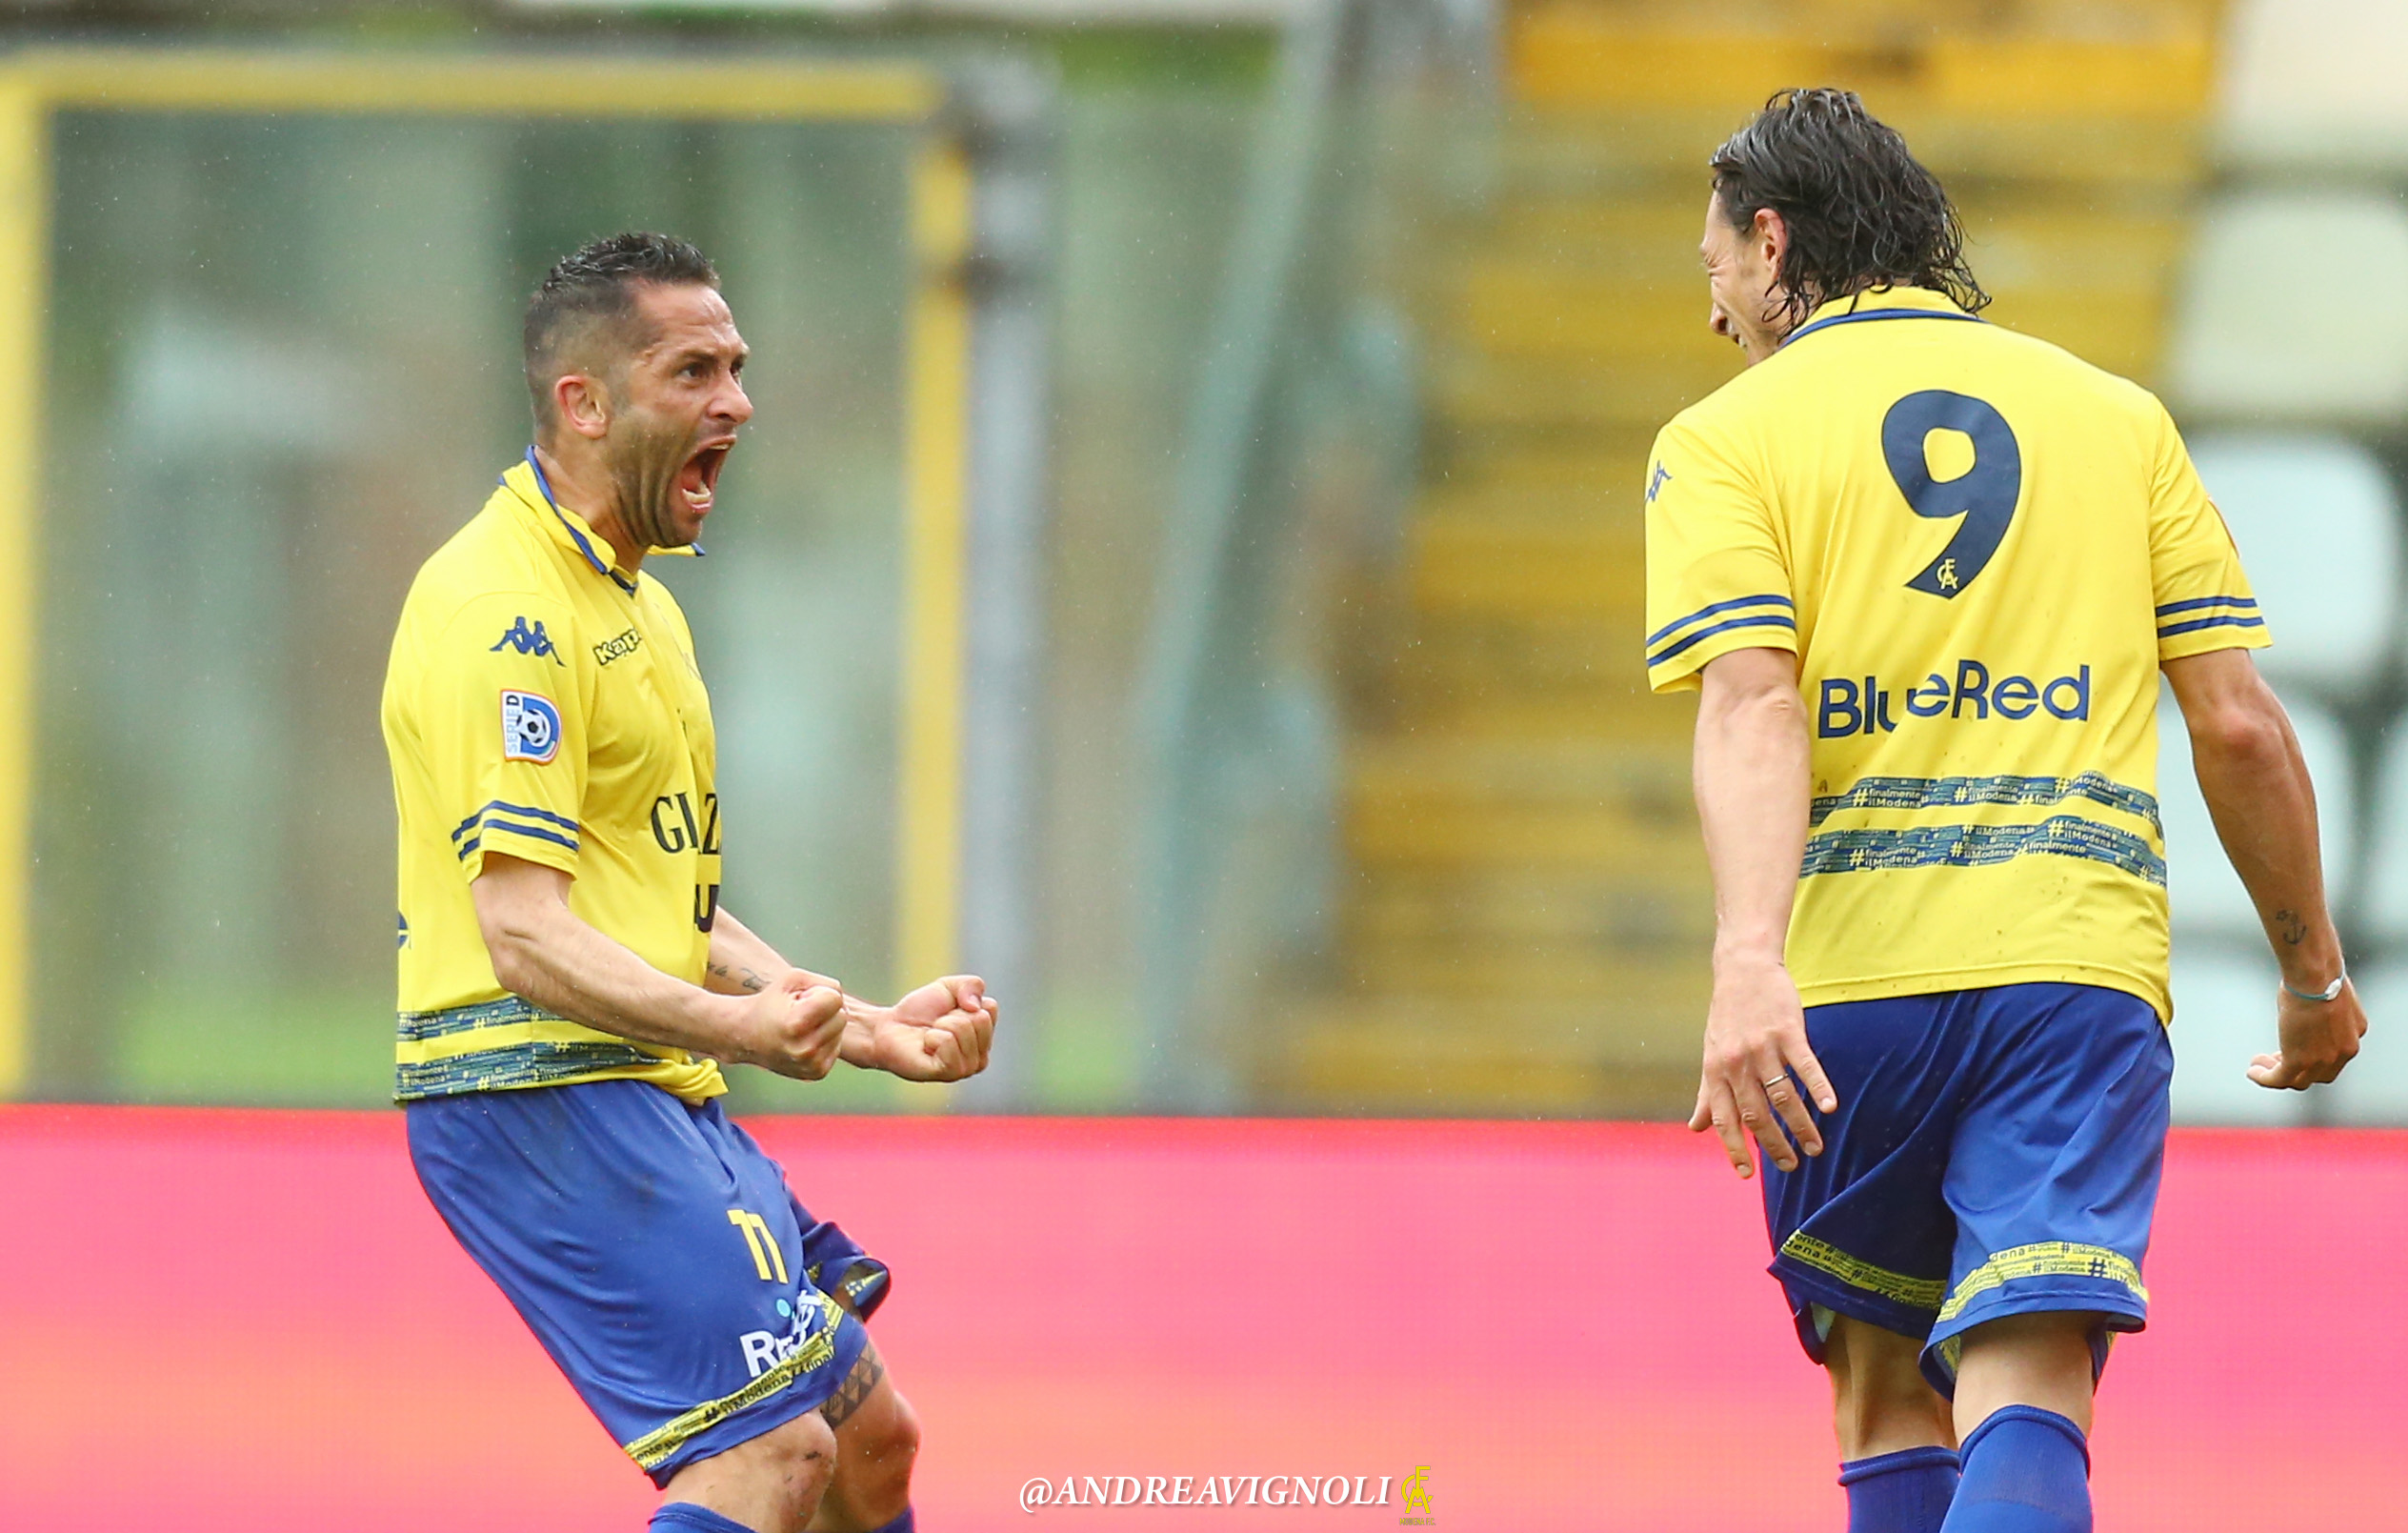 Modena-Fiorenzuola 3-2, il gol di Ferrario e la doppietta di Sansovini